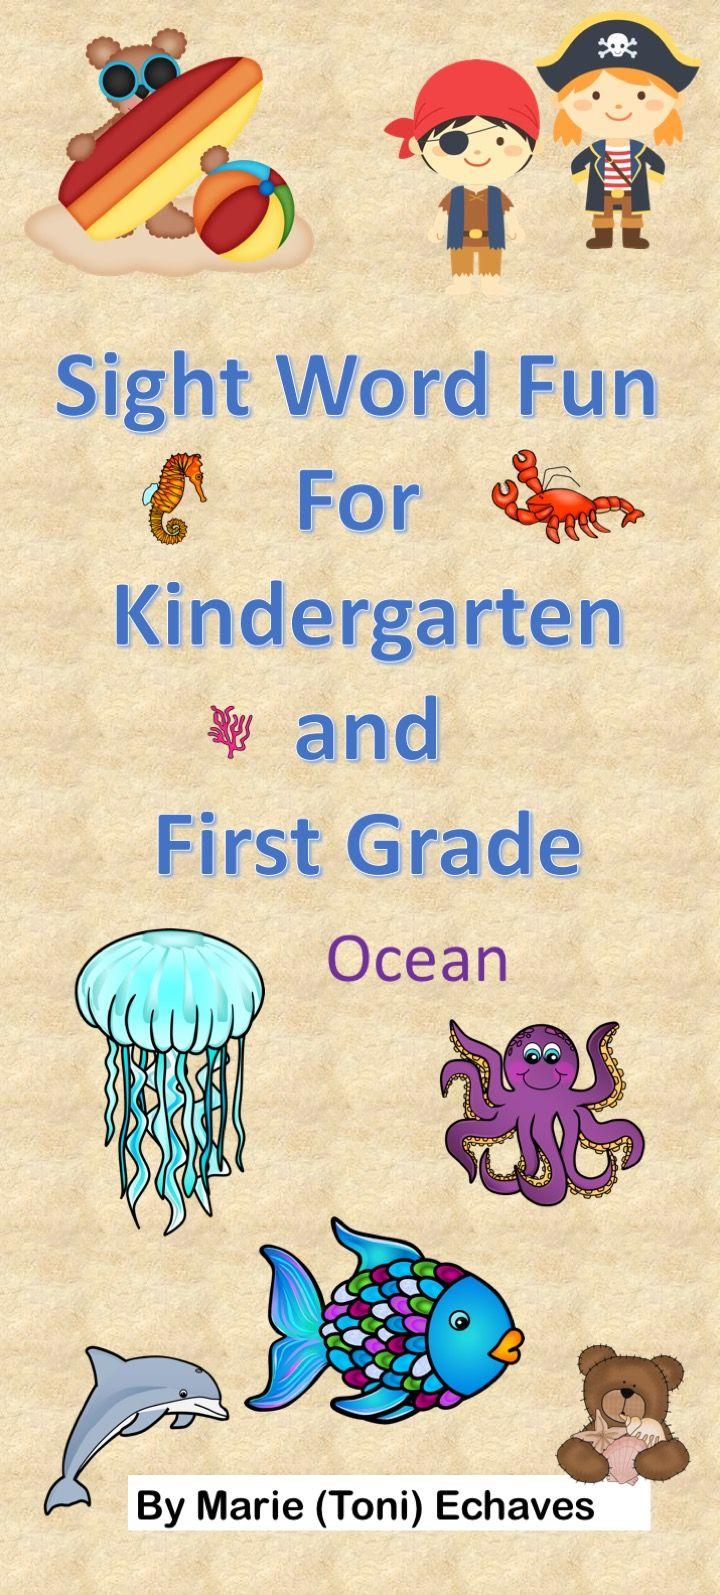 Fun ocean themed worksheet activities to practice sight words ...